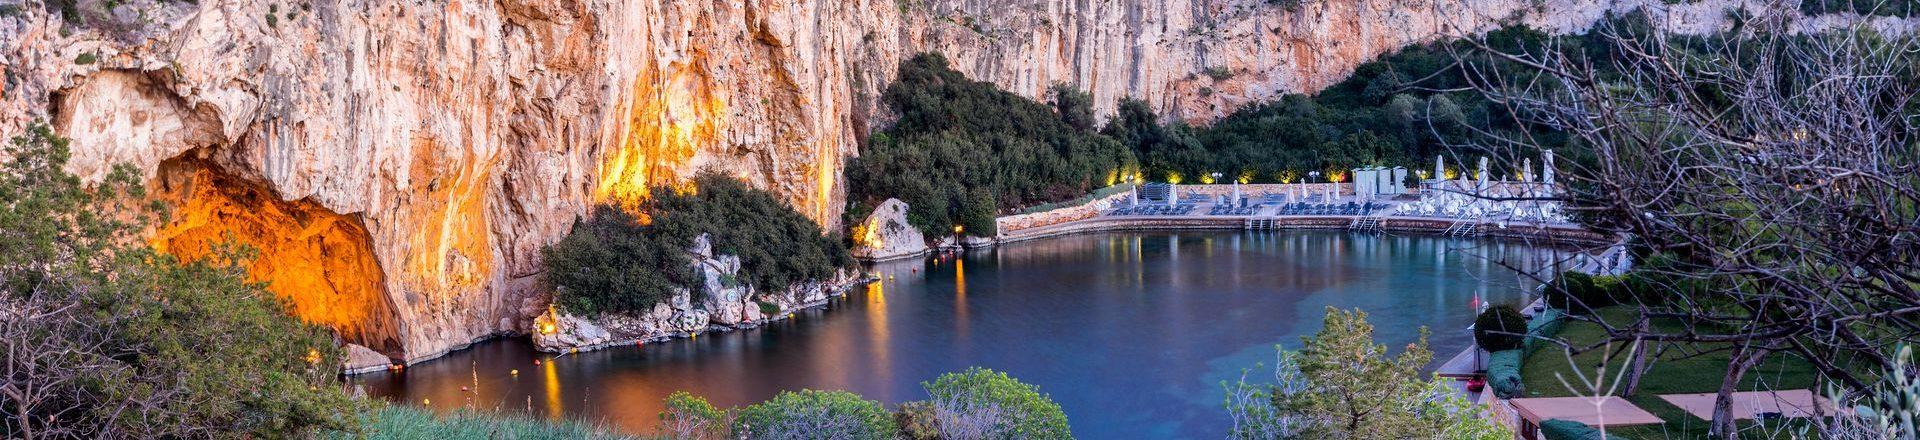 Minavra Lake